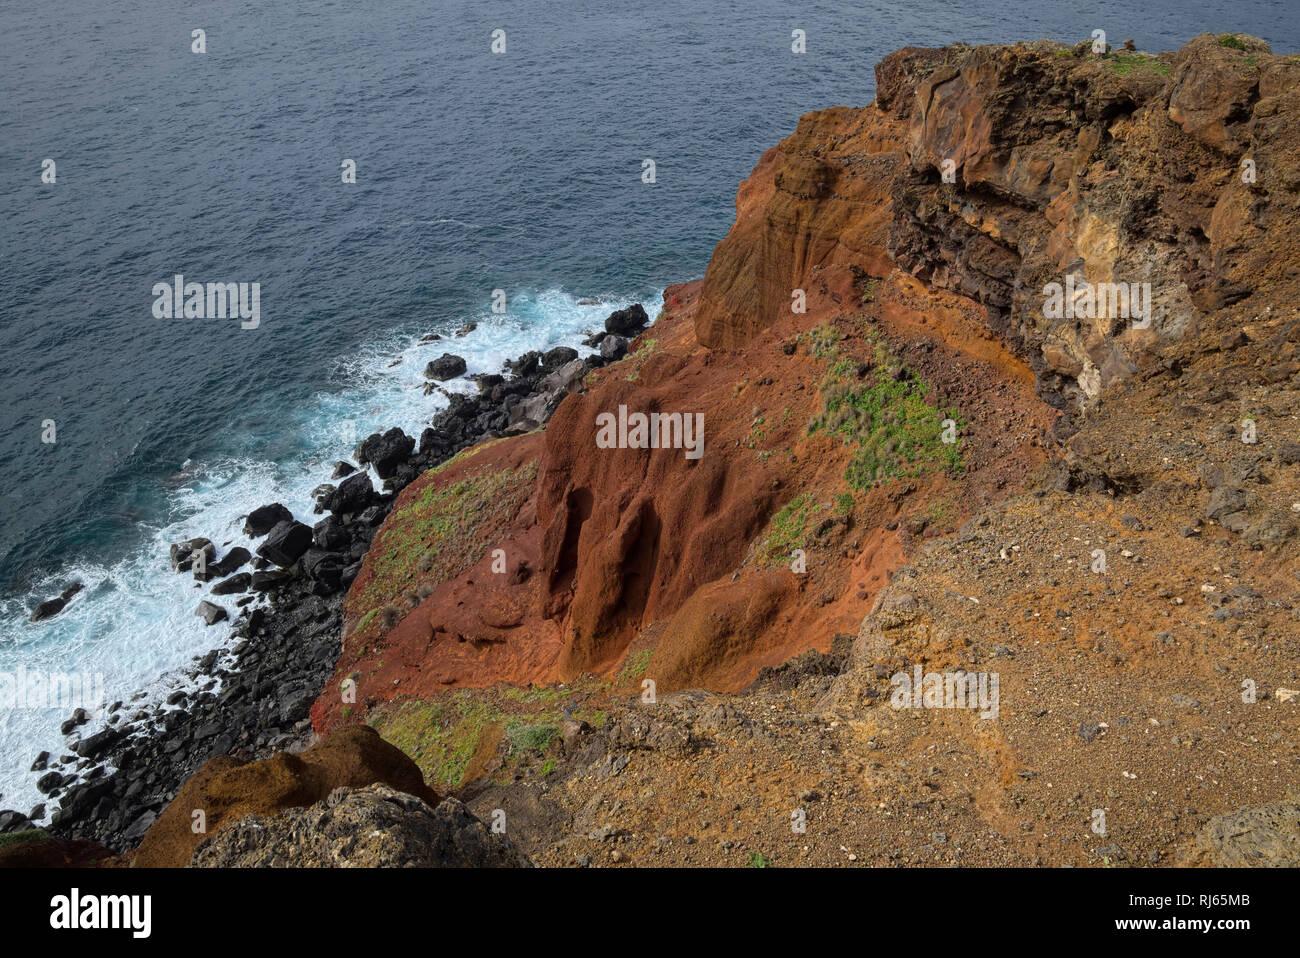 Portugal, Madeira, vulkanisch, Felsen, Küste, Meer Stockbild